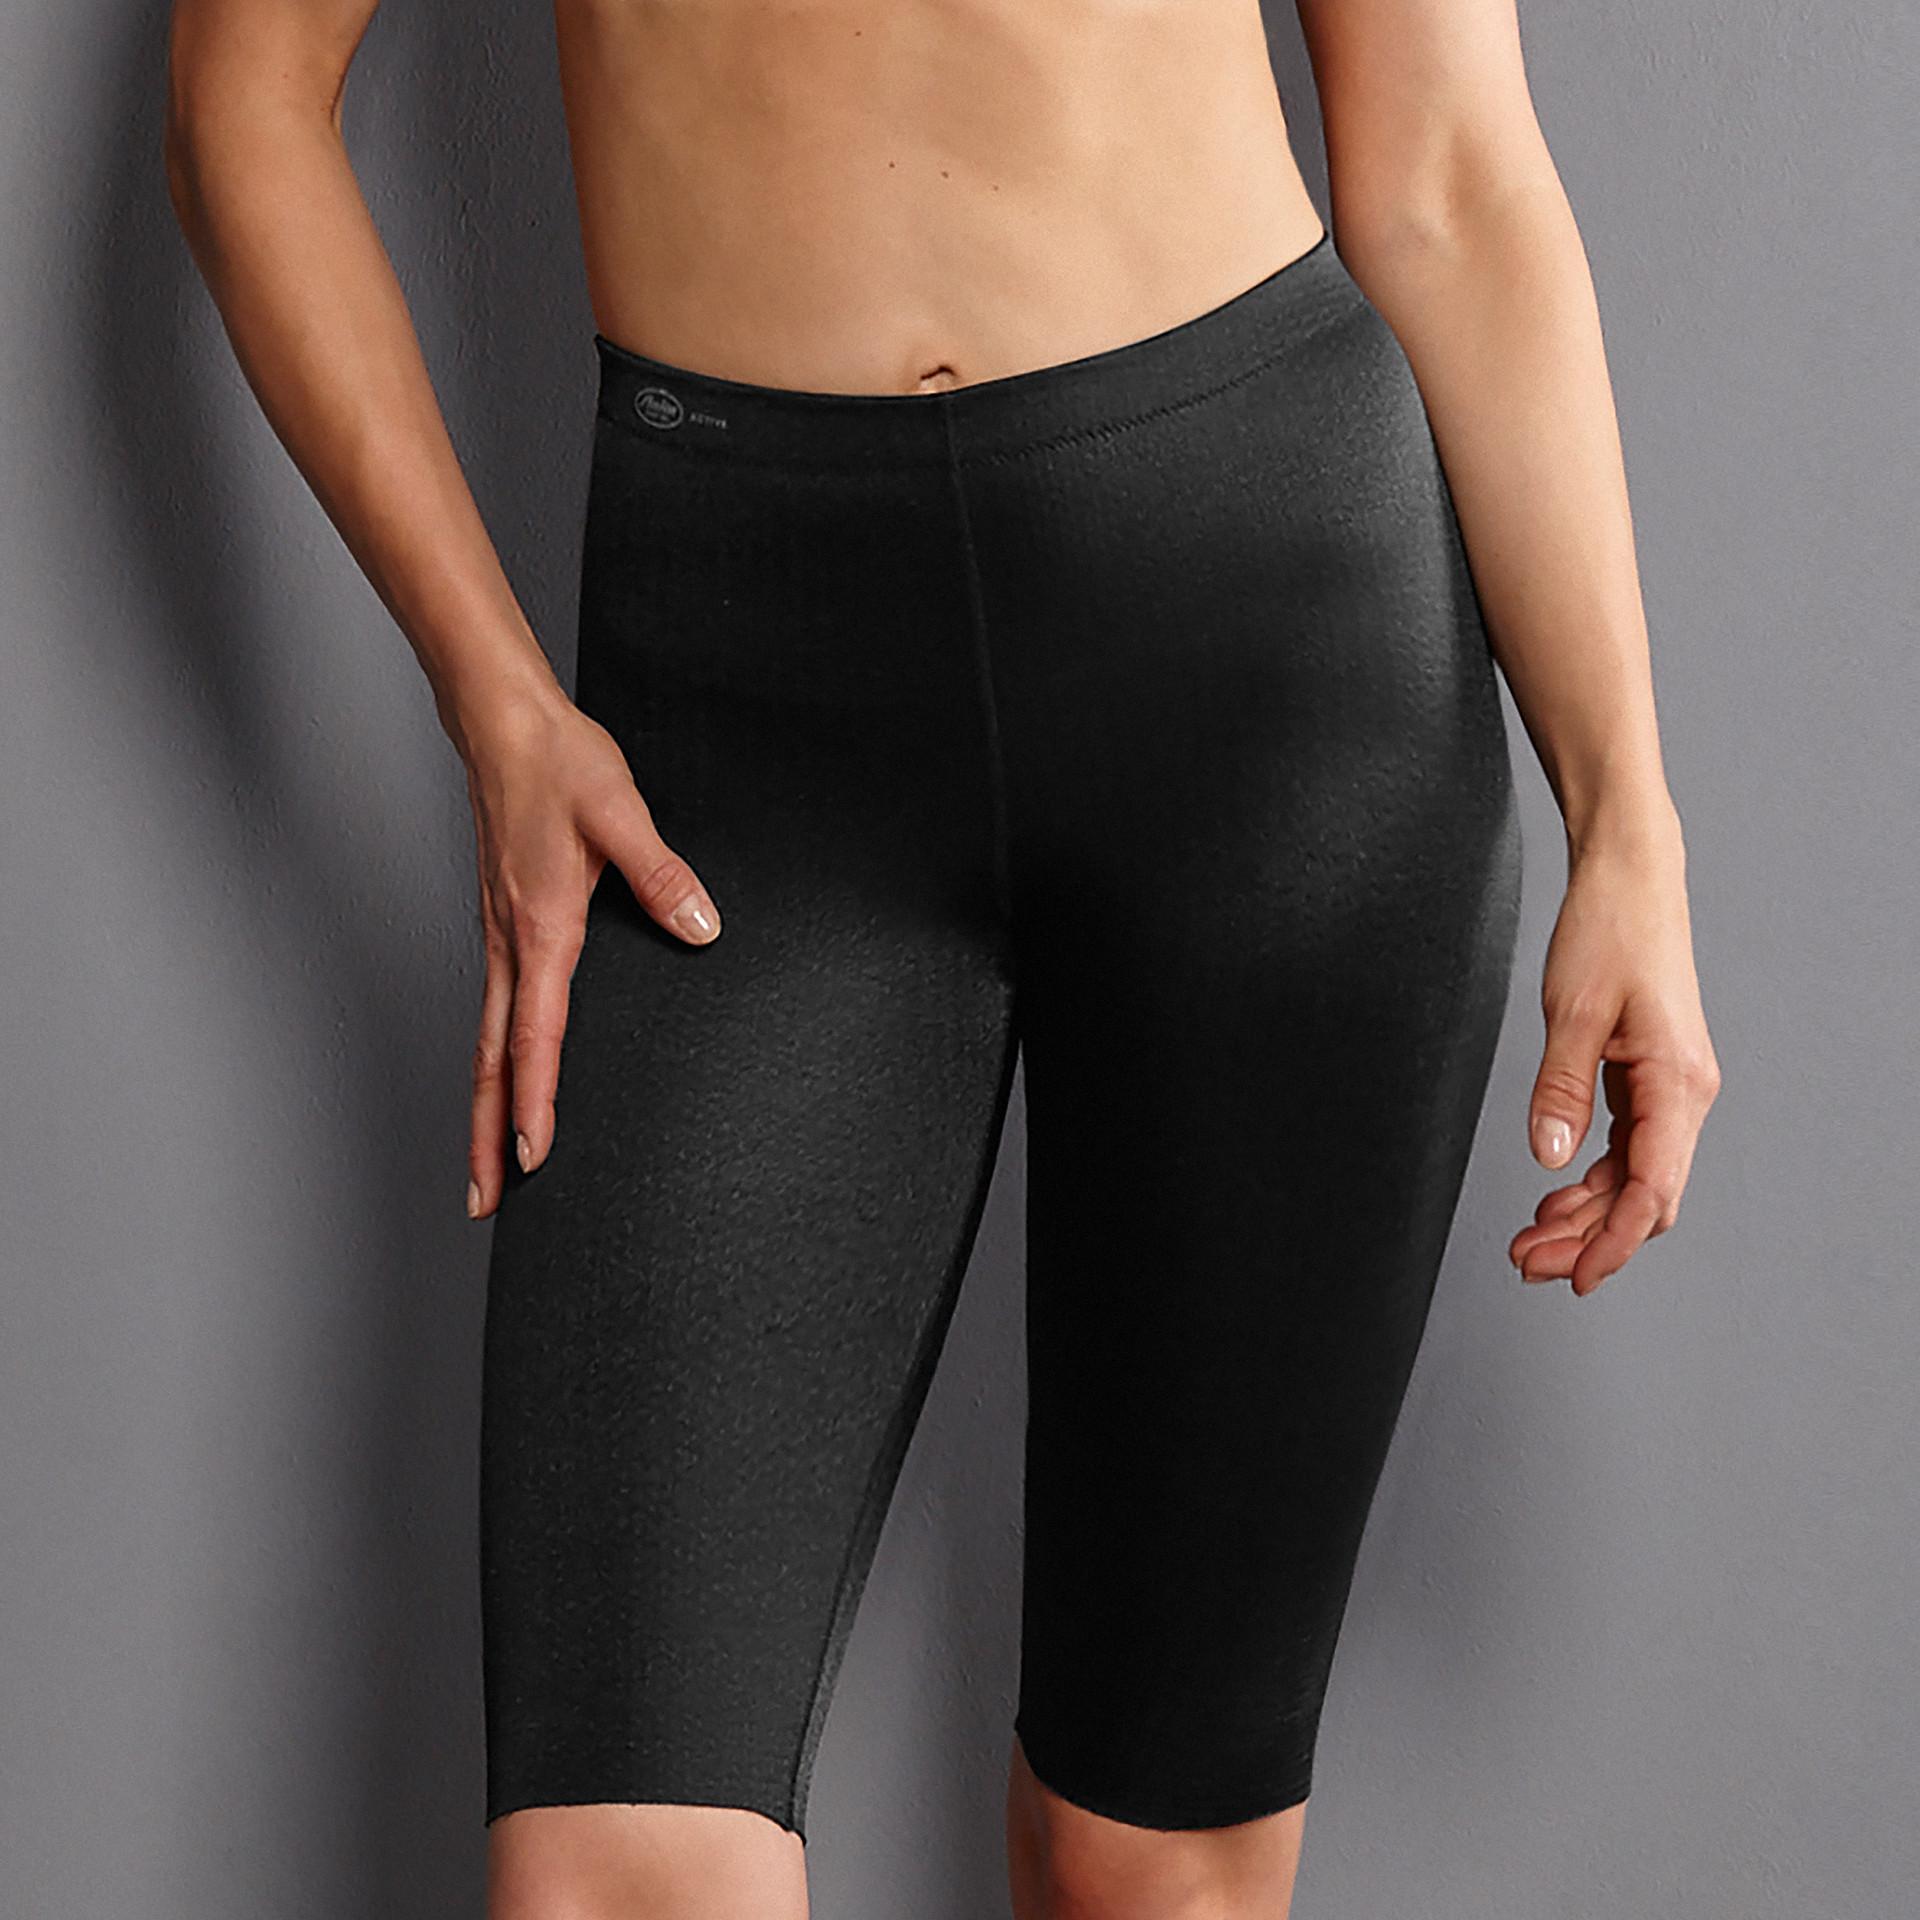 športové nohavice masážne 001 čierna - Active 001 čierna 42